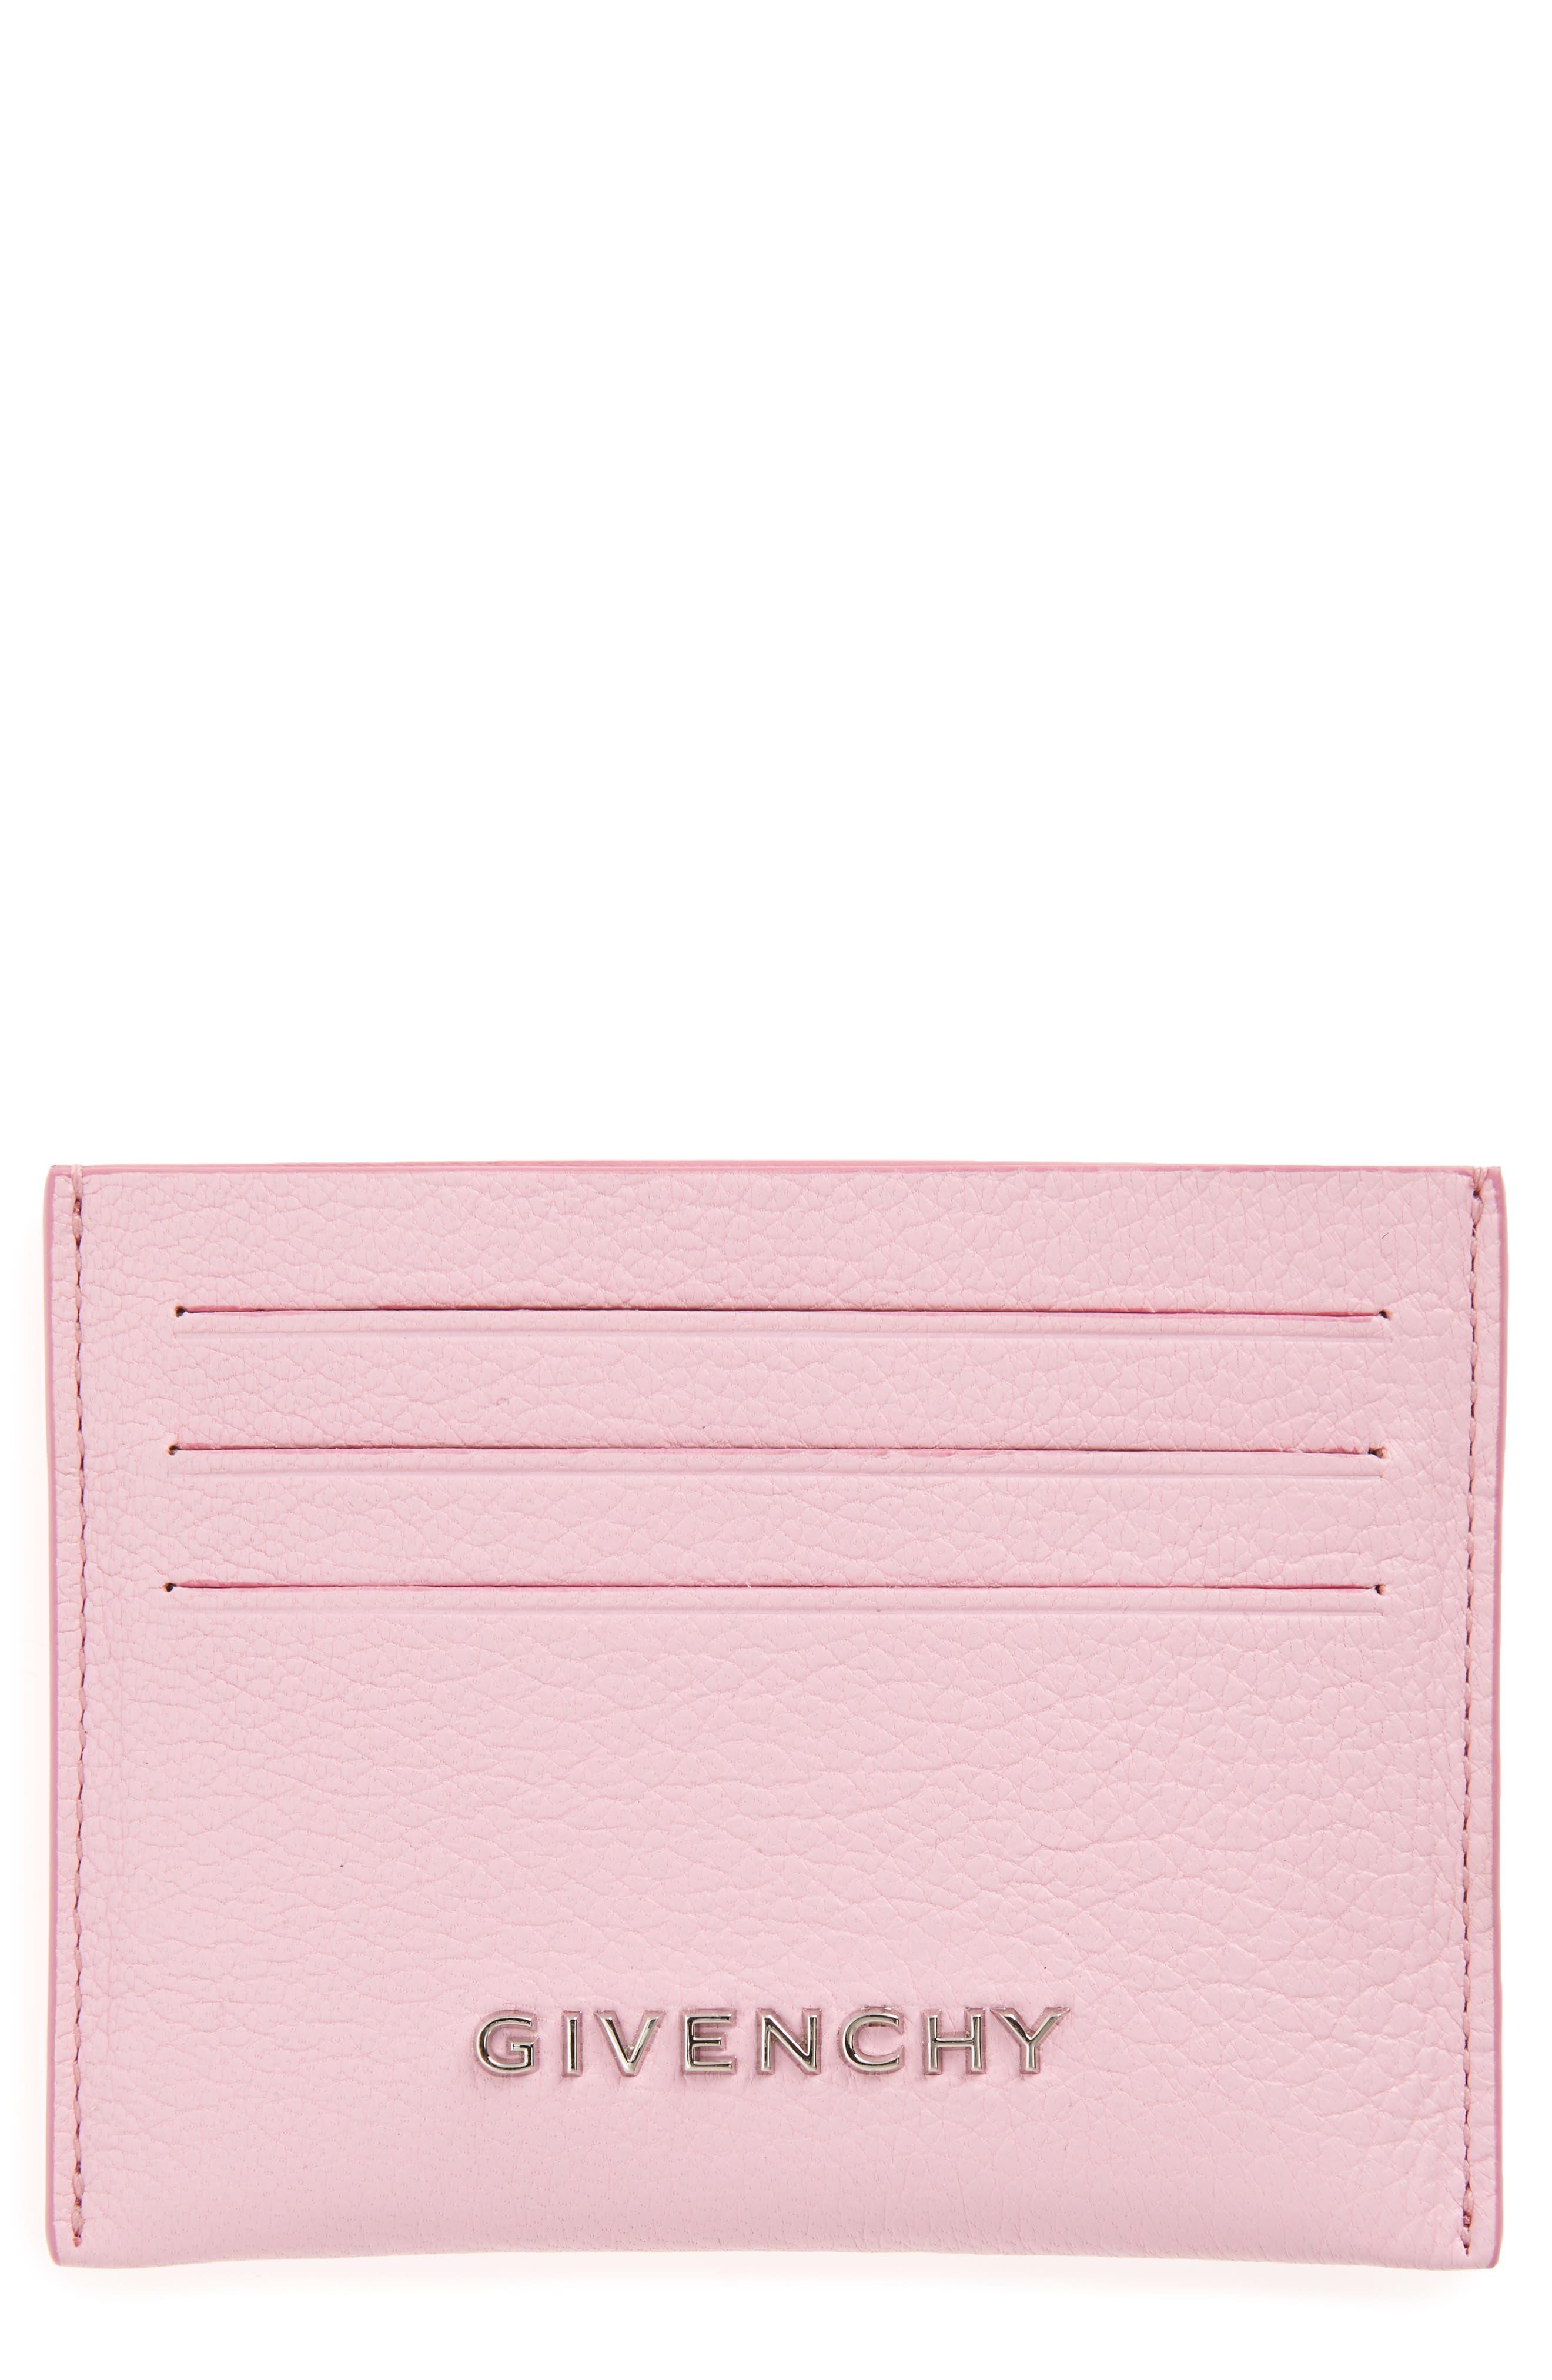 Givenchy 'Pandora' Card Case